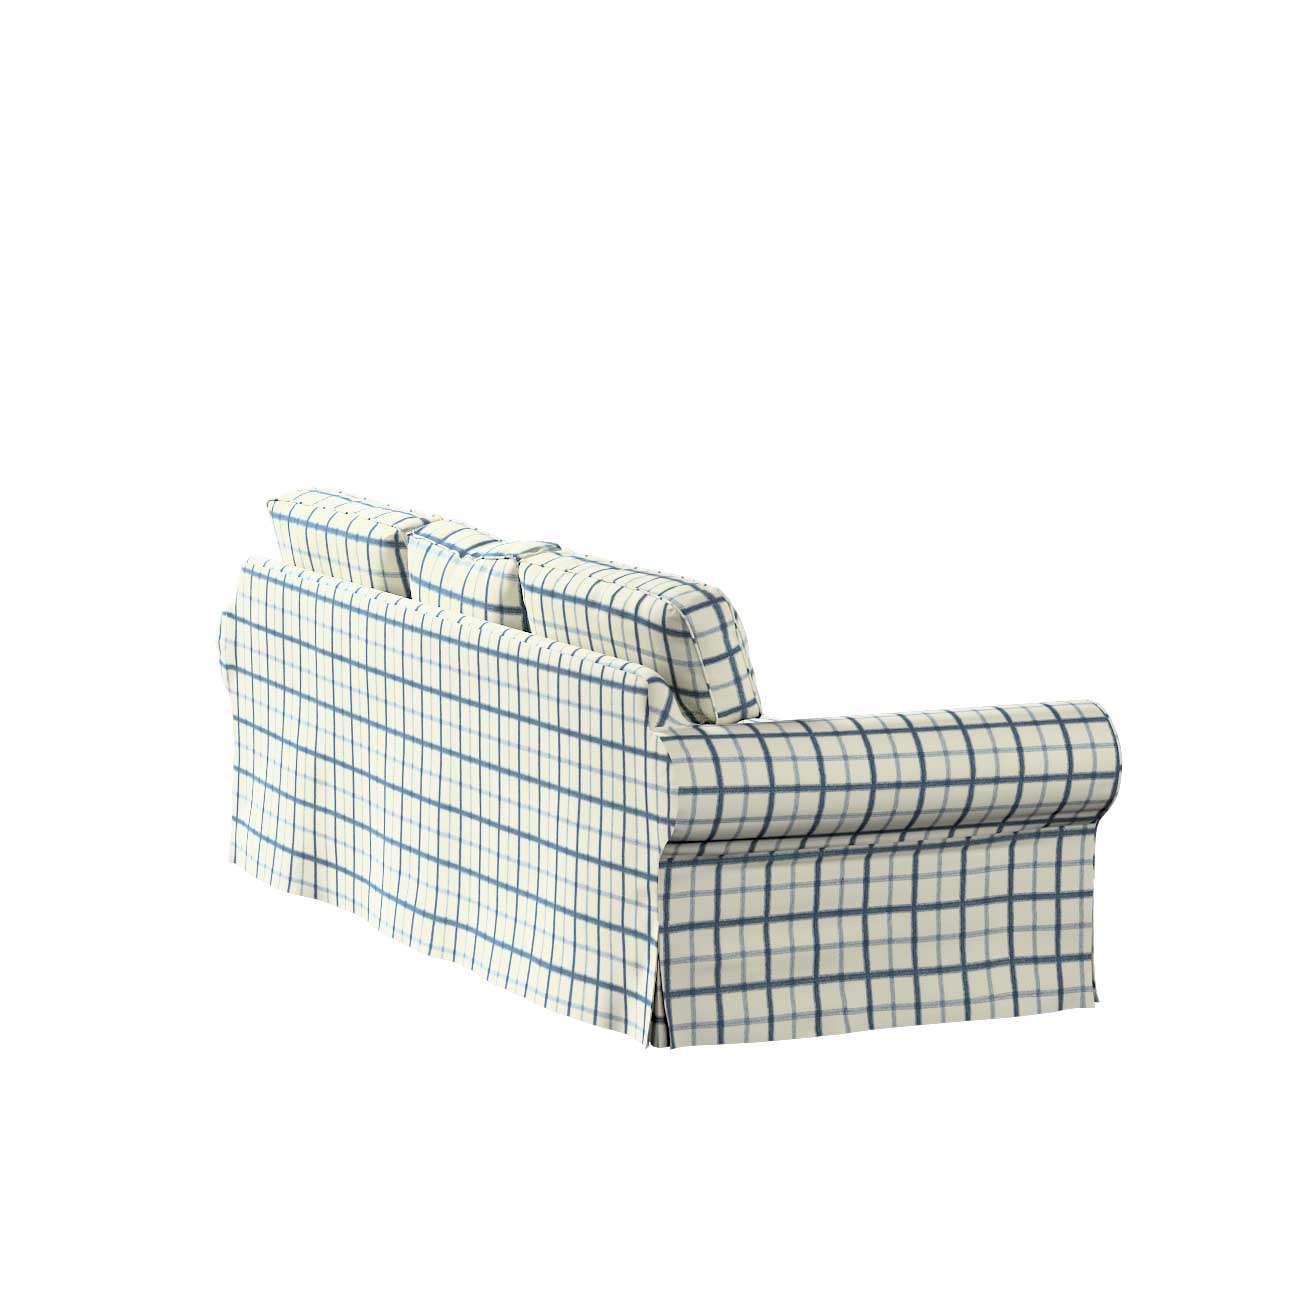 Pokrowiec na sofę Ektorp 3-osobową, nierozkładaną w kolekcji Avinon, tkanina: 131-66